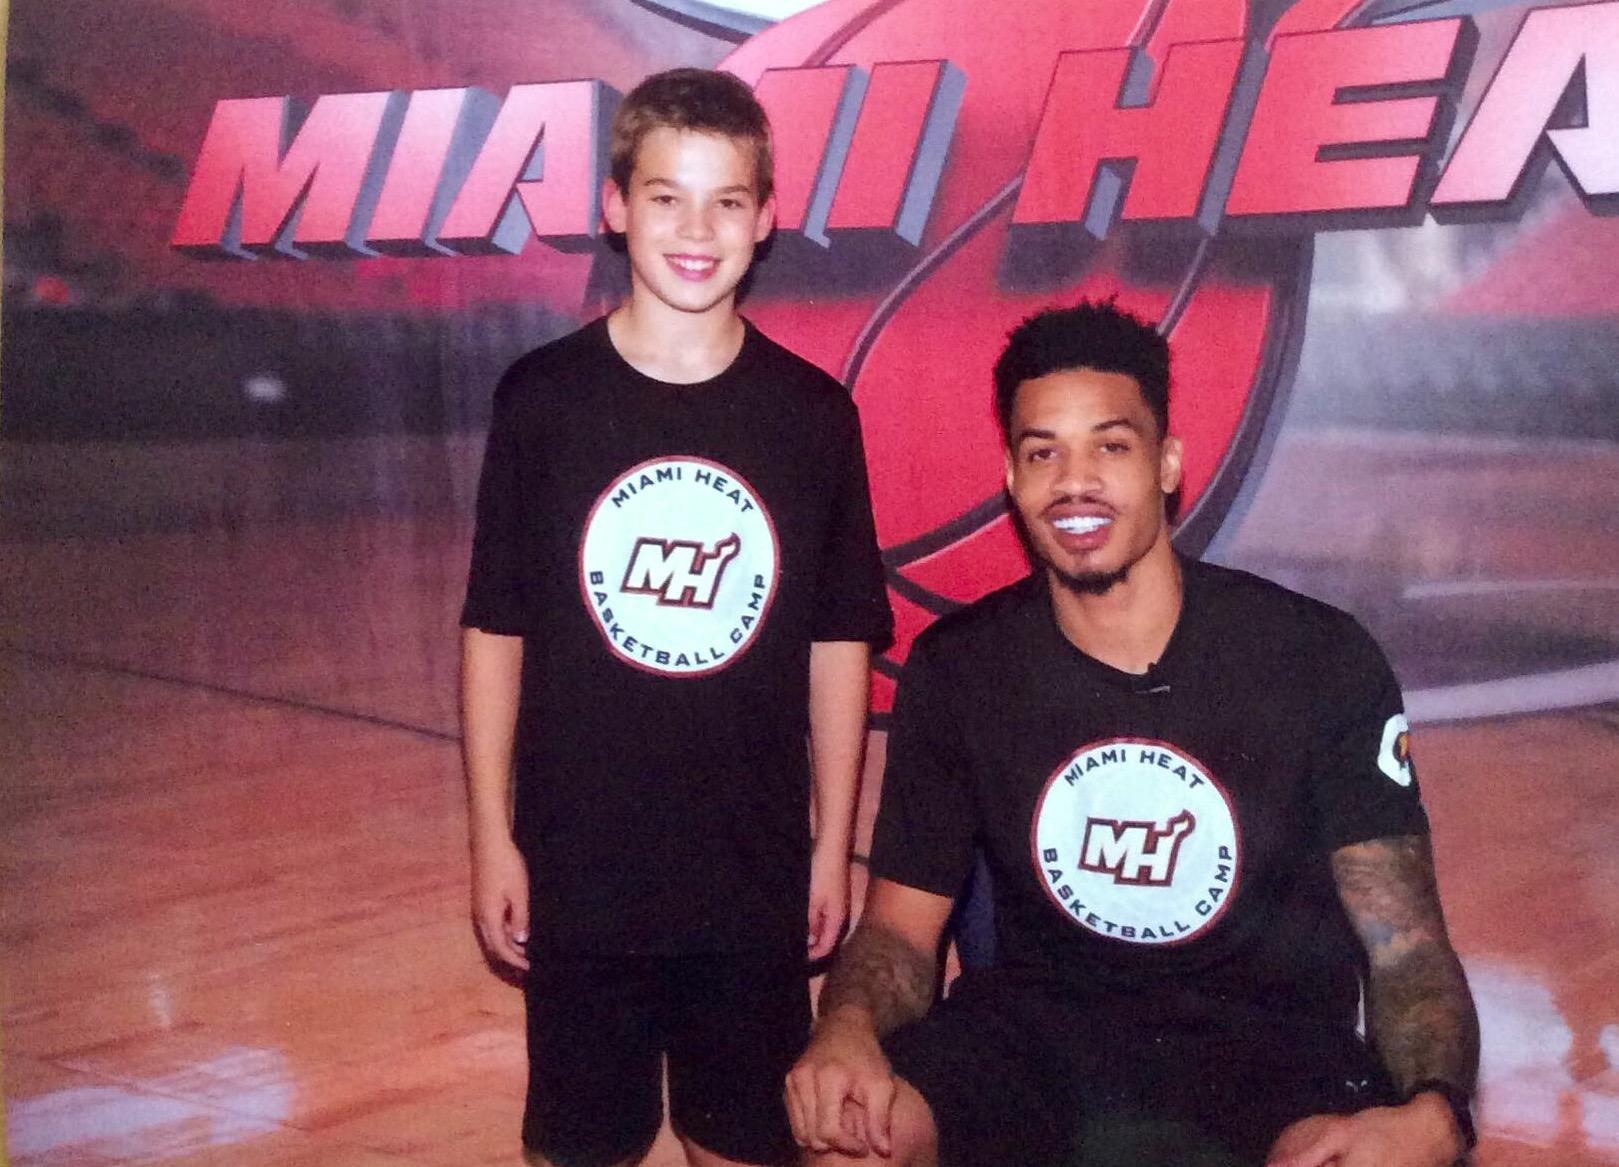 2015 08 Miami Heat Camp Niki Mylonas Miami Heat Spieler und ehemalige Slam Dunk Champion Gerald Green